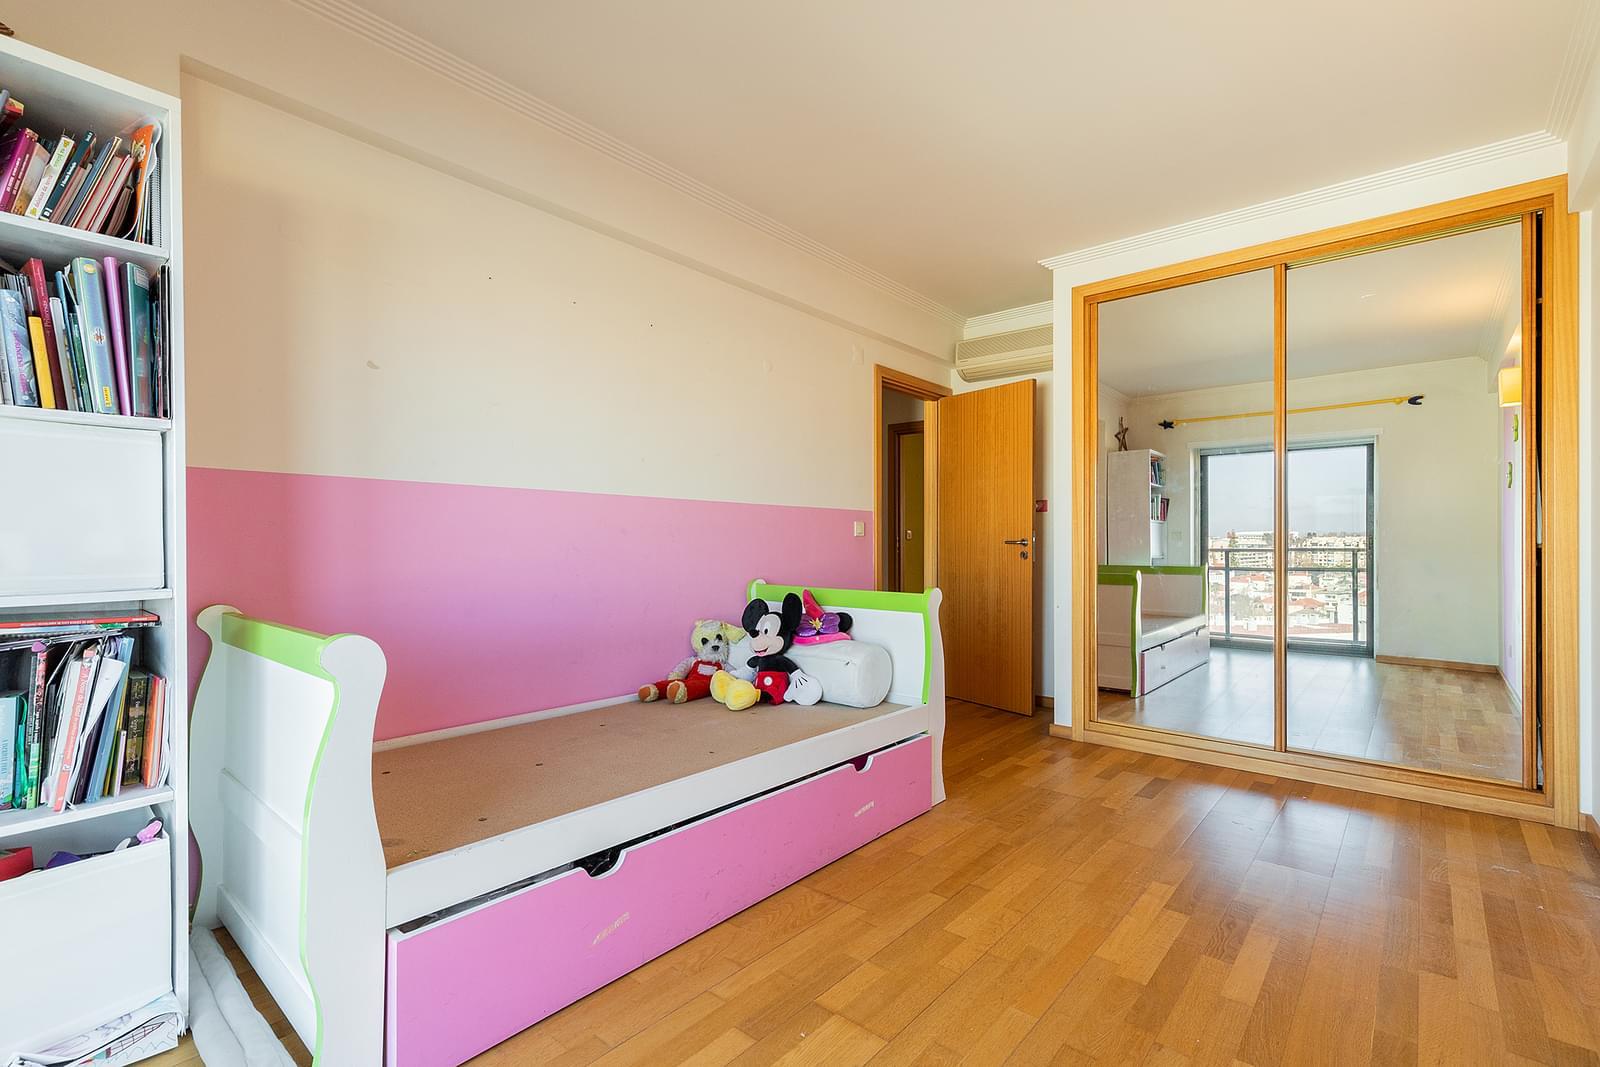 pf18953-apartamento-t3-lisboa-5084ea72-9fc6-41ba-8bbd-83a8742d52d5